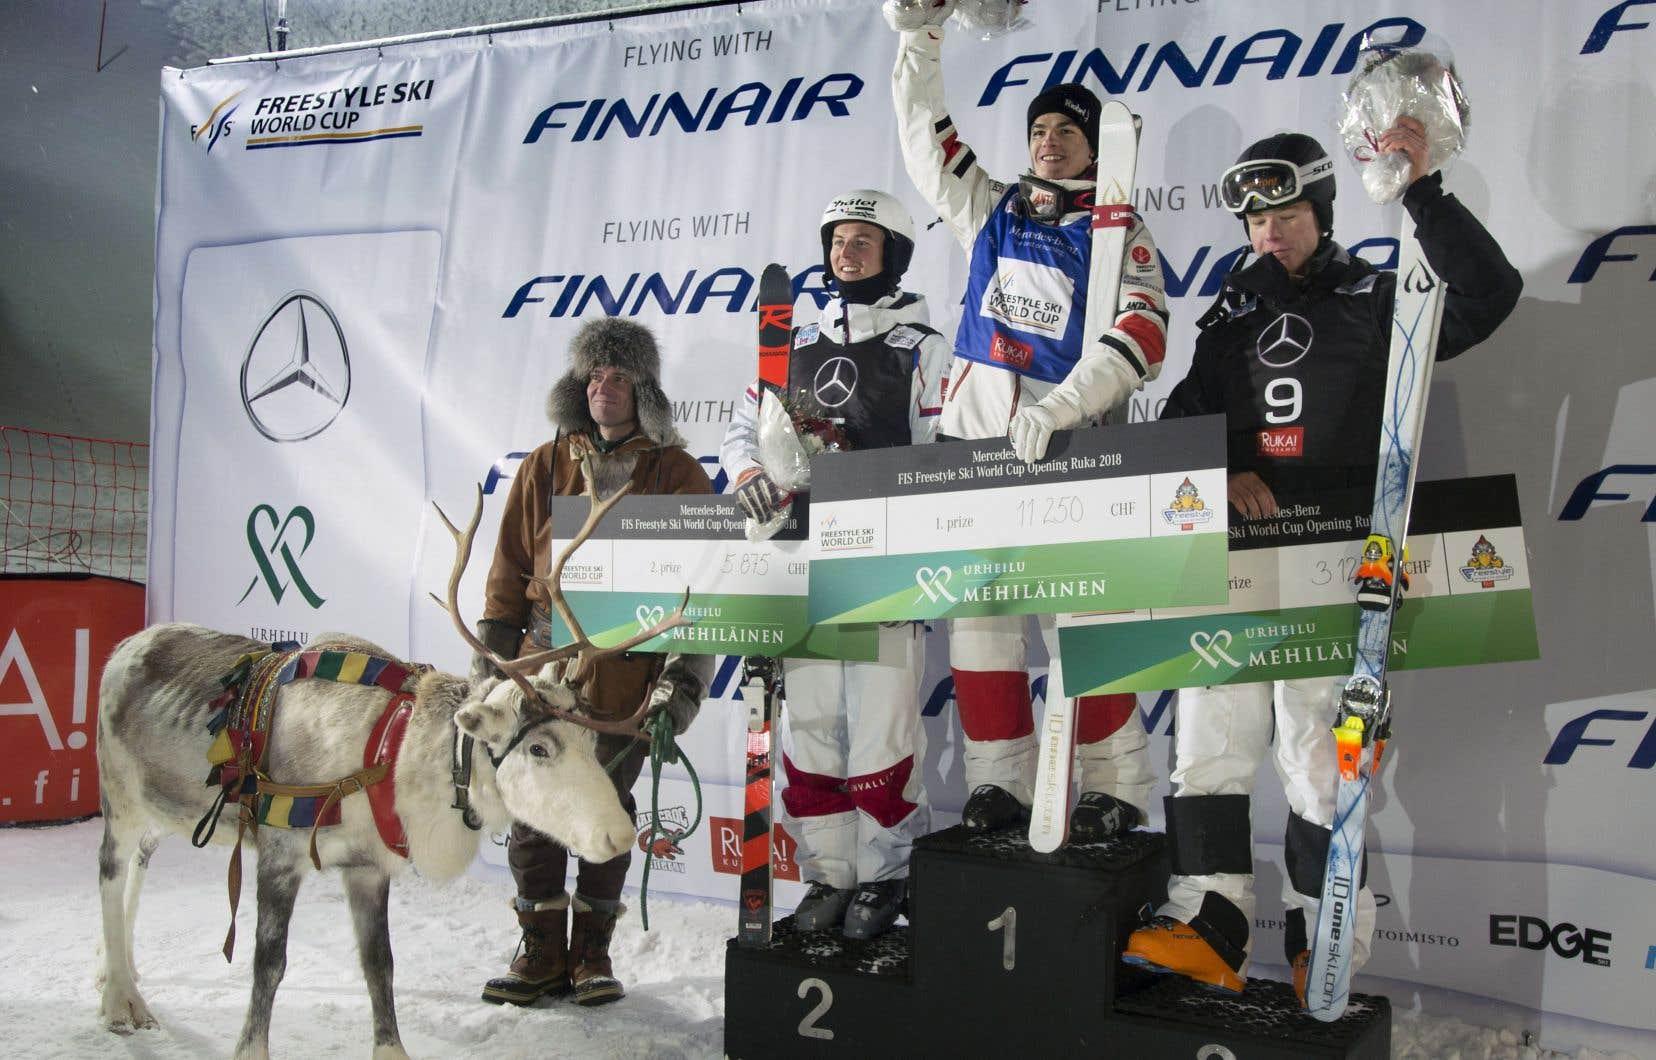 Mikaël Kingsbury est monté sur la première marche du podium, à Ruka en Finlande, devant le Français Benjamin Cavet et le Suédois Walter Wallberg.